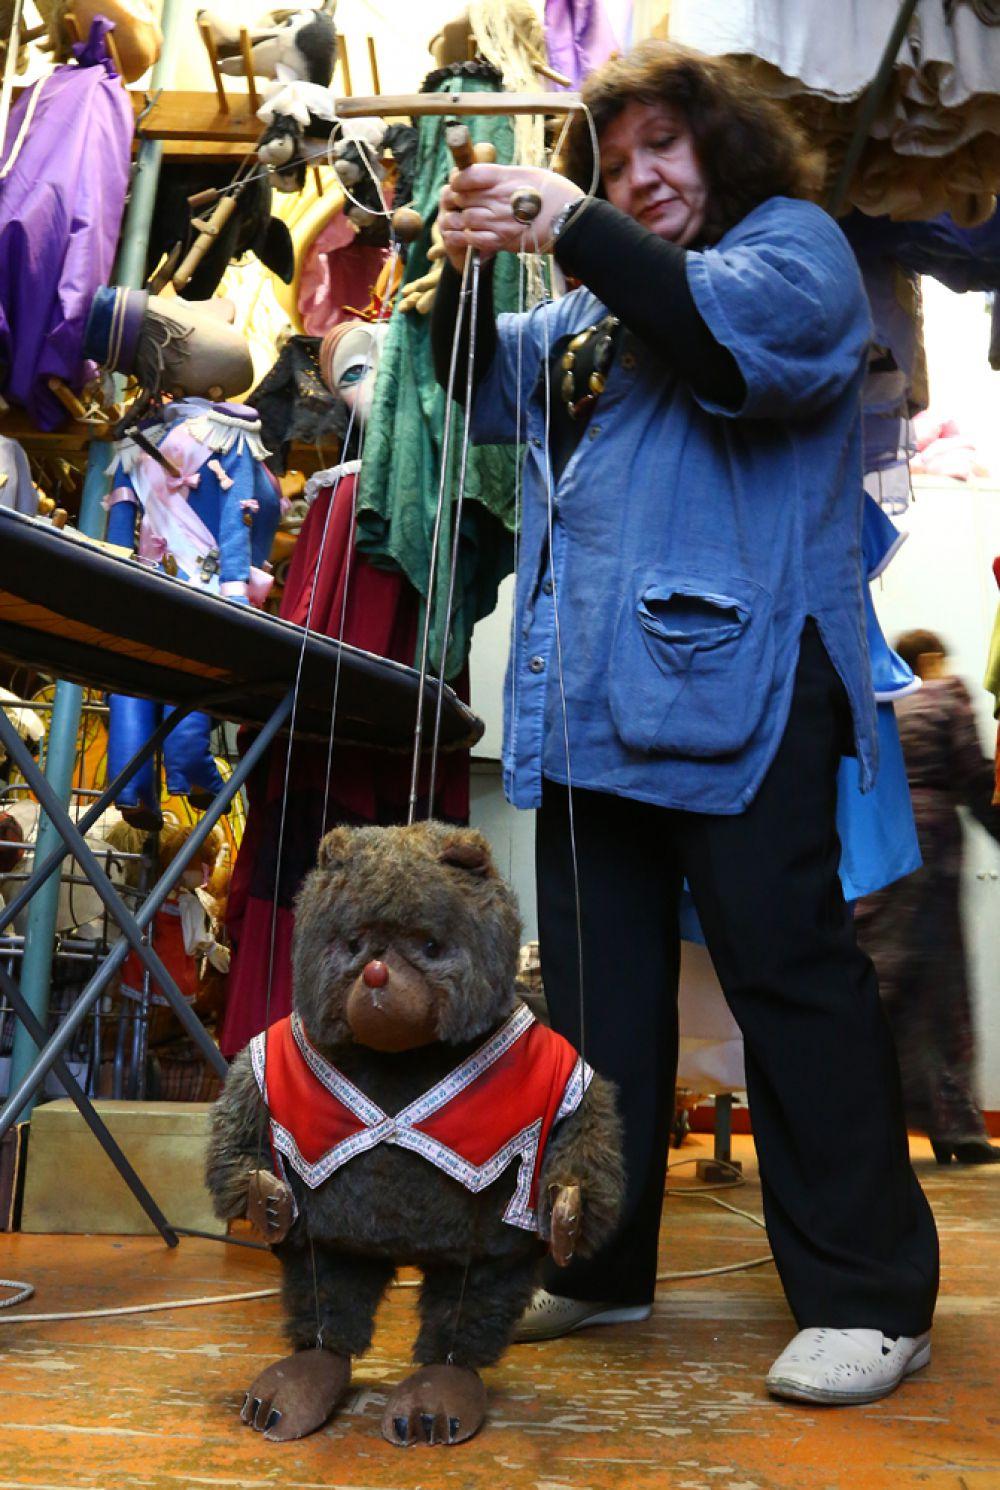 Ещё один долгожитель театра – медведь из спектакля «Машенька и медведь». Ему исполнилось 23 года!